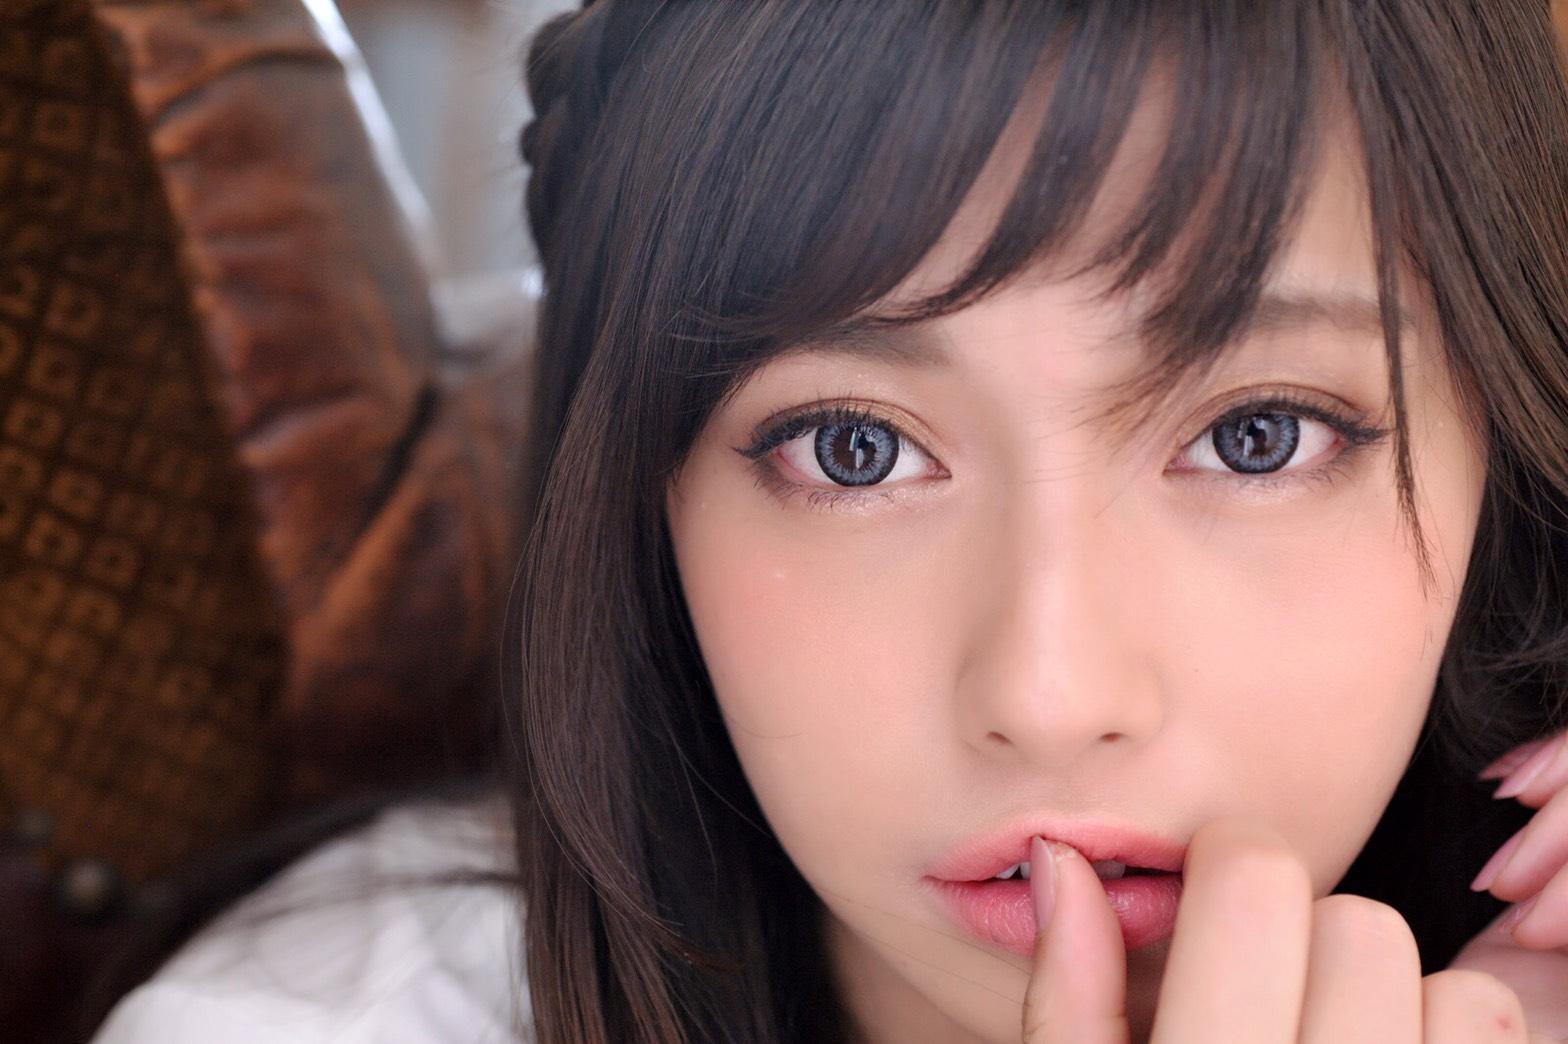 すっぴん美人に聞いた、本当にすっぴんが可愛い子の見分け方 | Smartlog